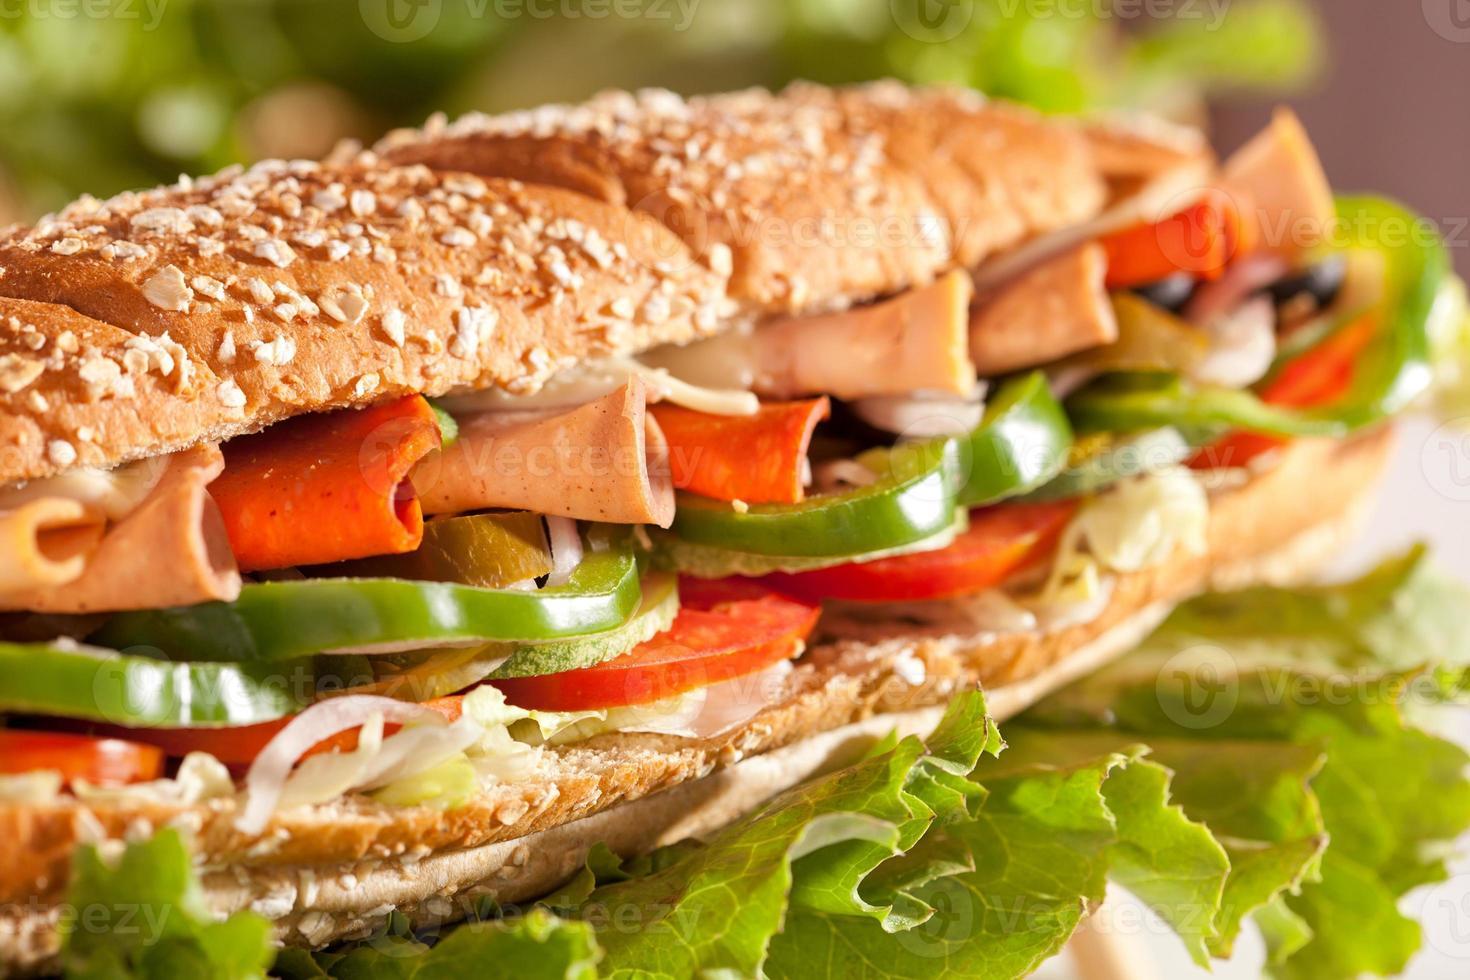 kyckling och kalkon skinkasmörgås med grönsaker foto